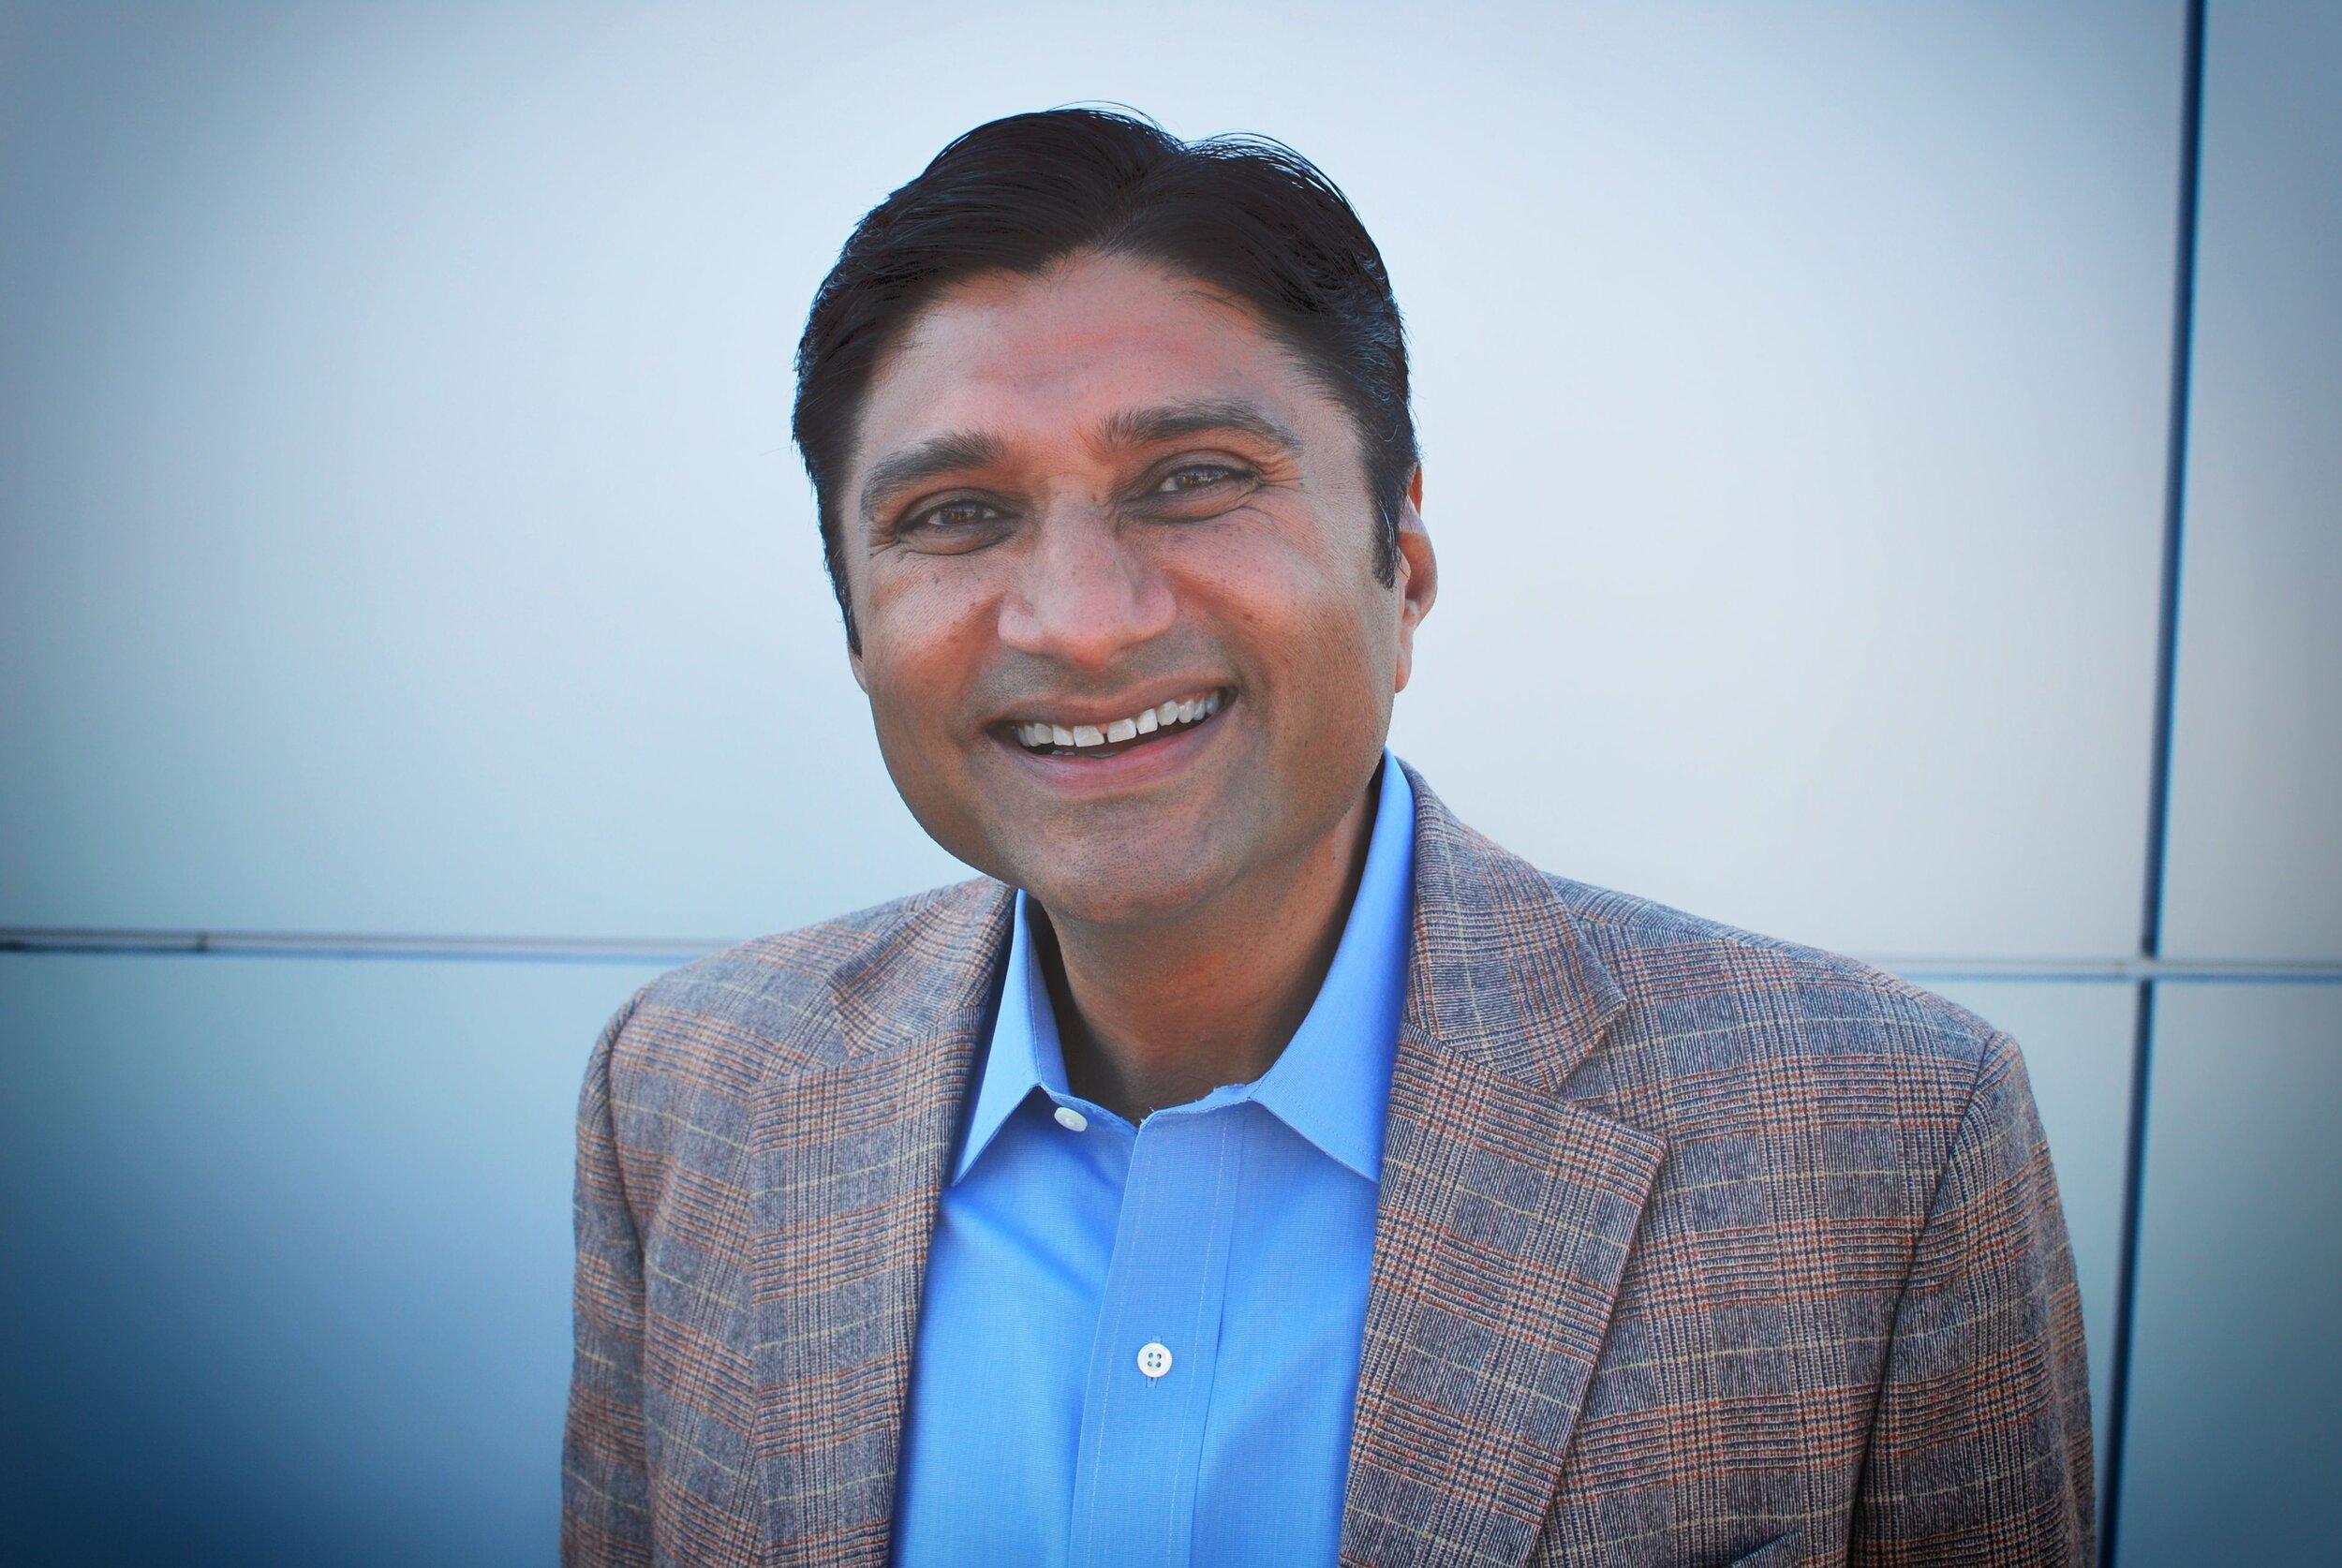 Apurv Gupta Headshot.JPG